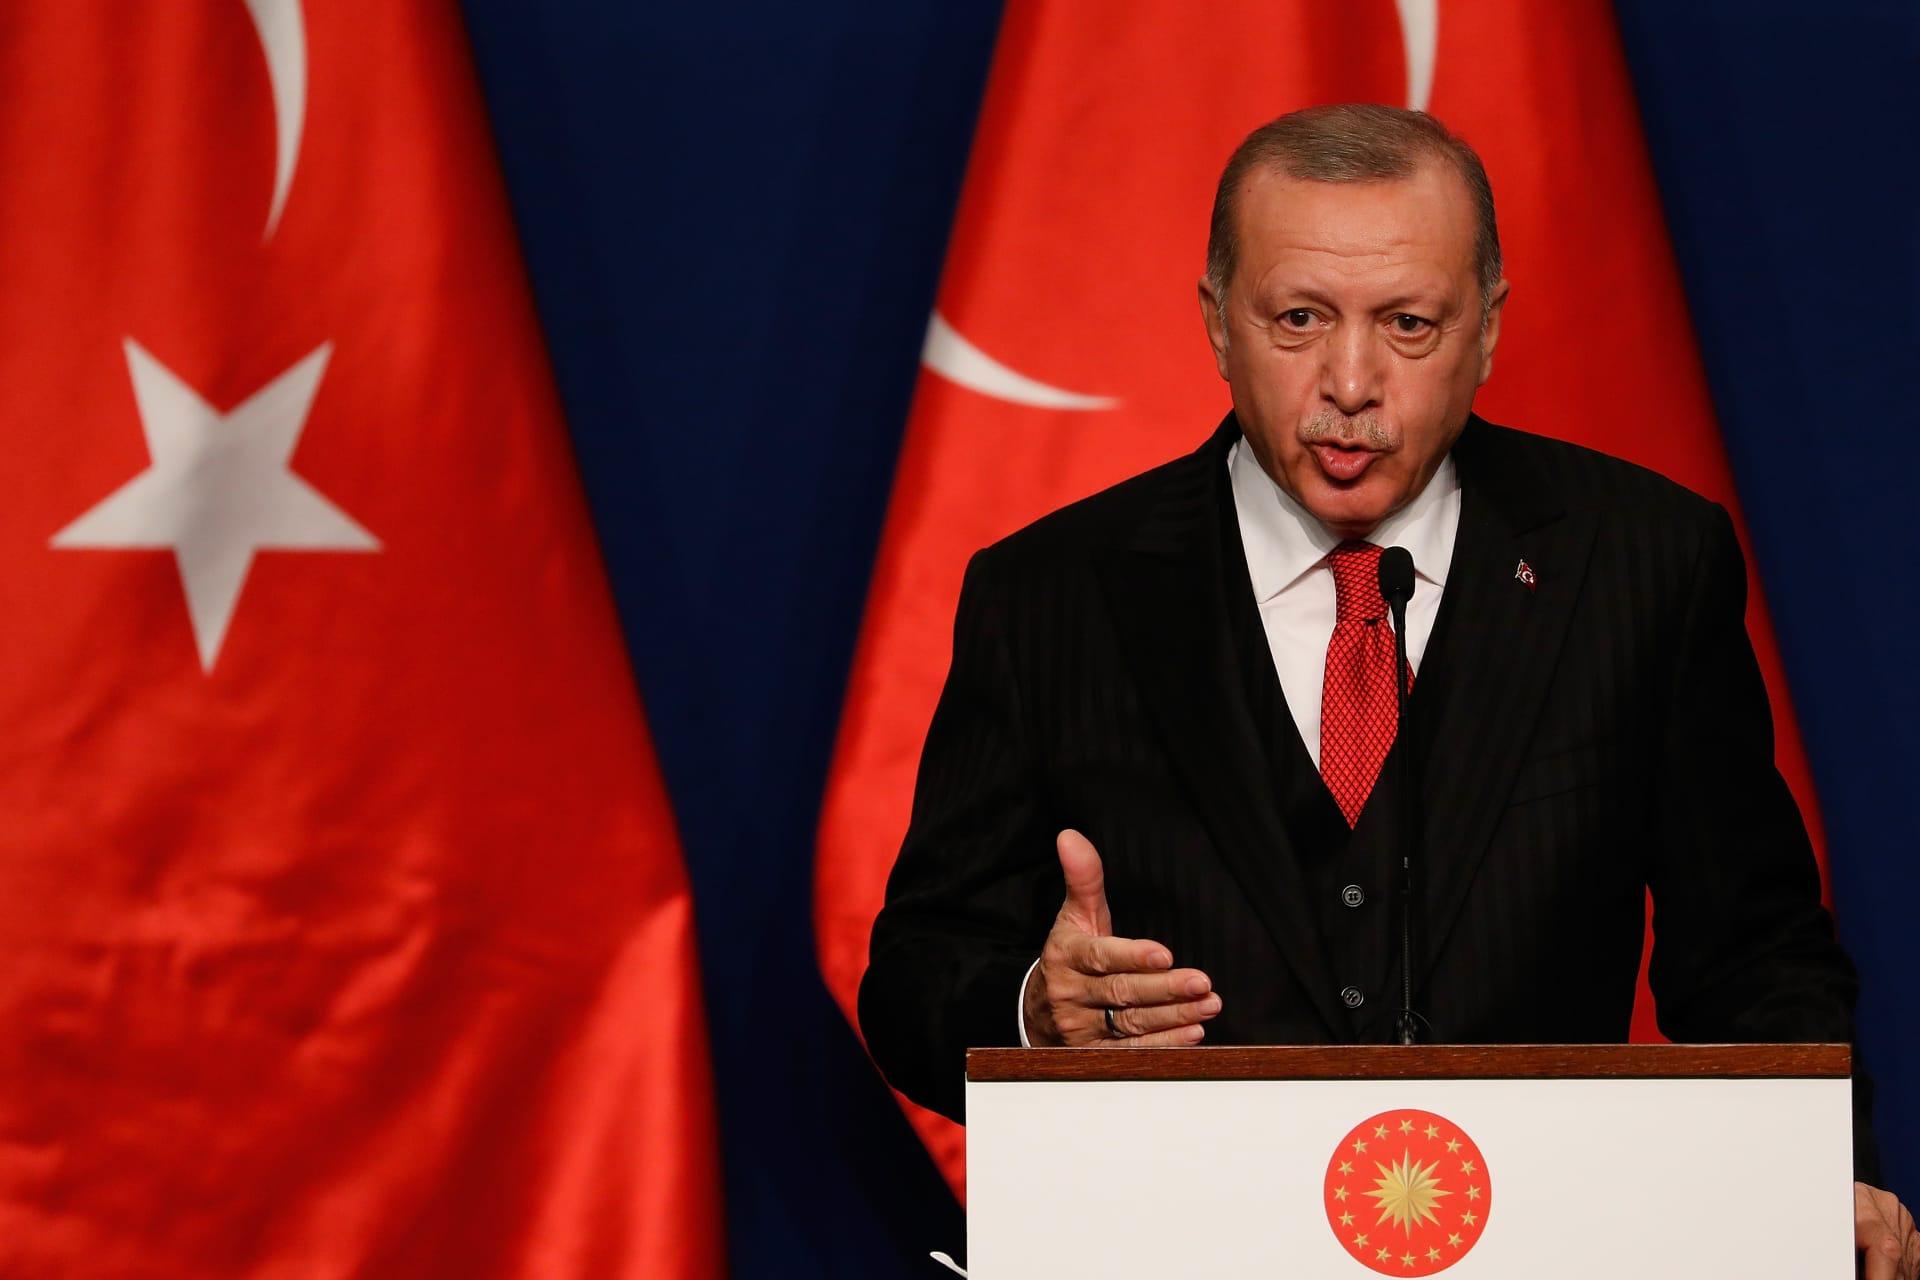 أردوغان مُحذرًا: الفوضى ستشمل حوض البحر المتوسط حال عدم تحقق التهدئة في ليبيا قريبًا